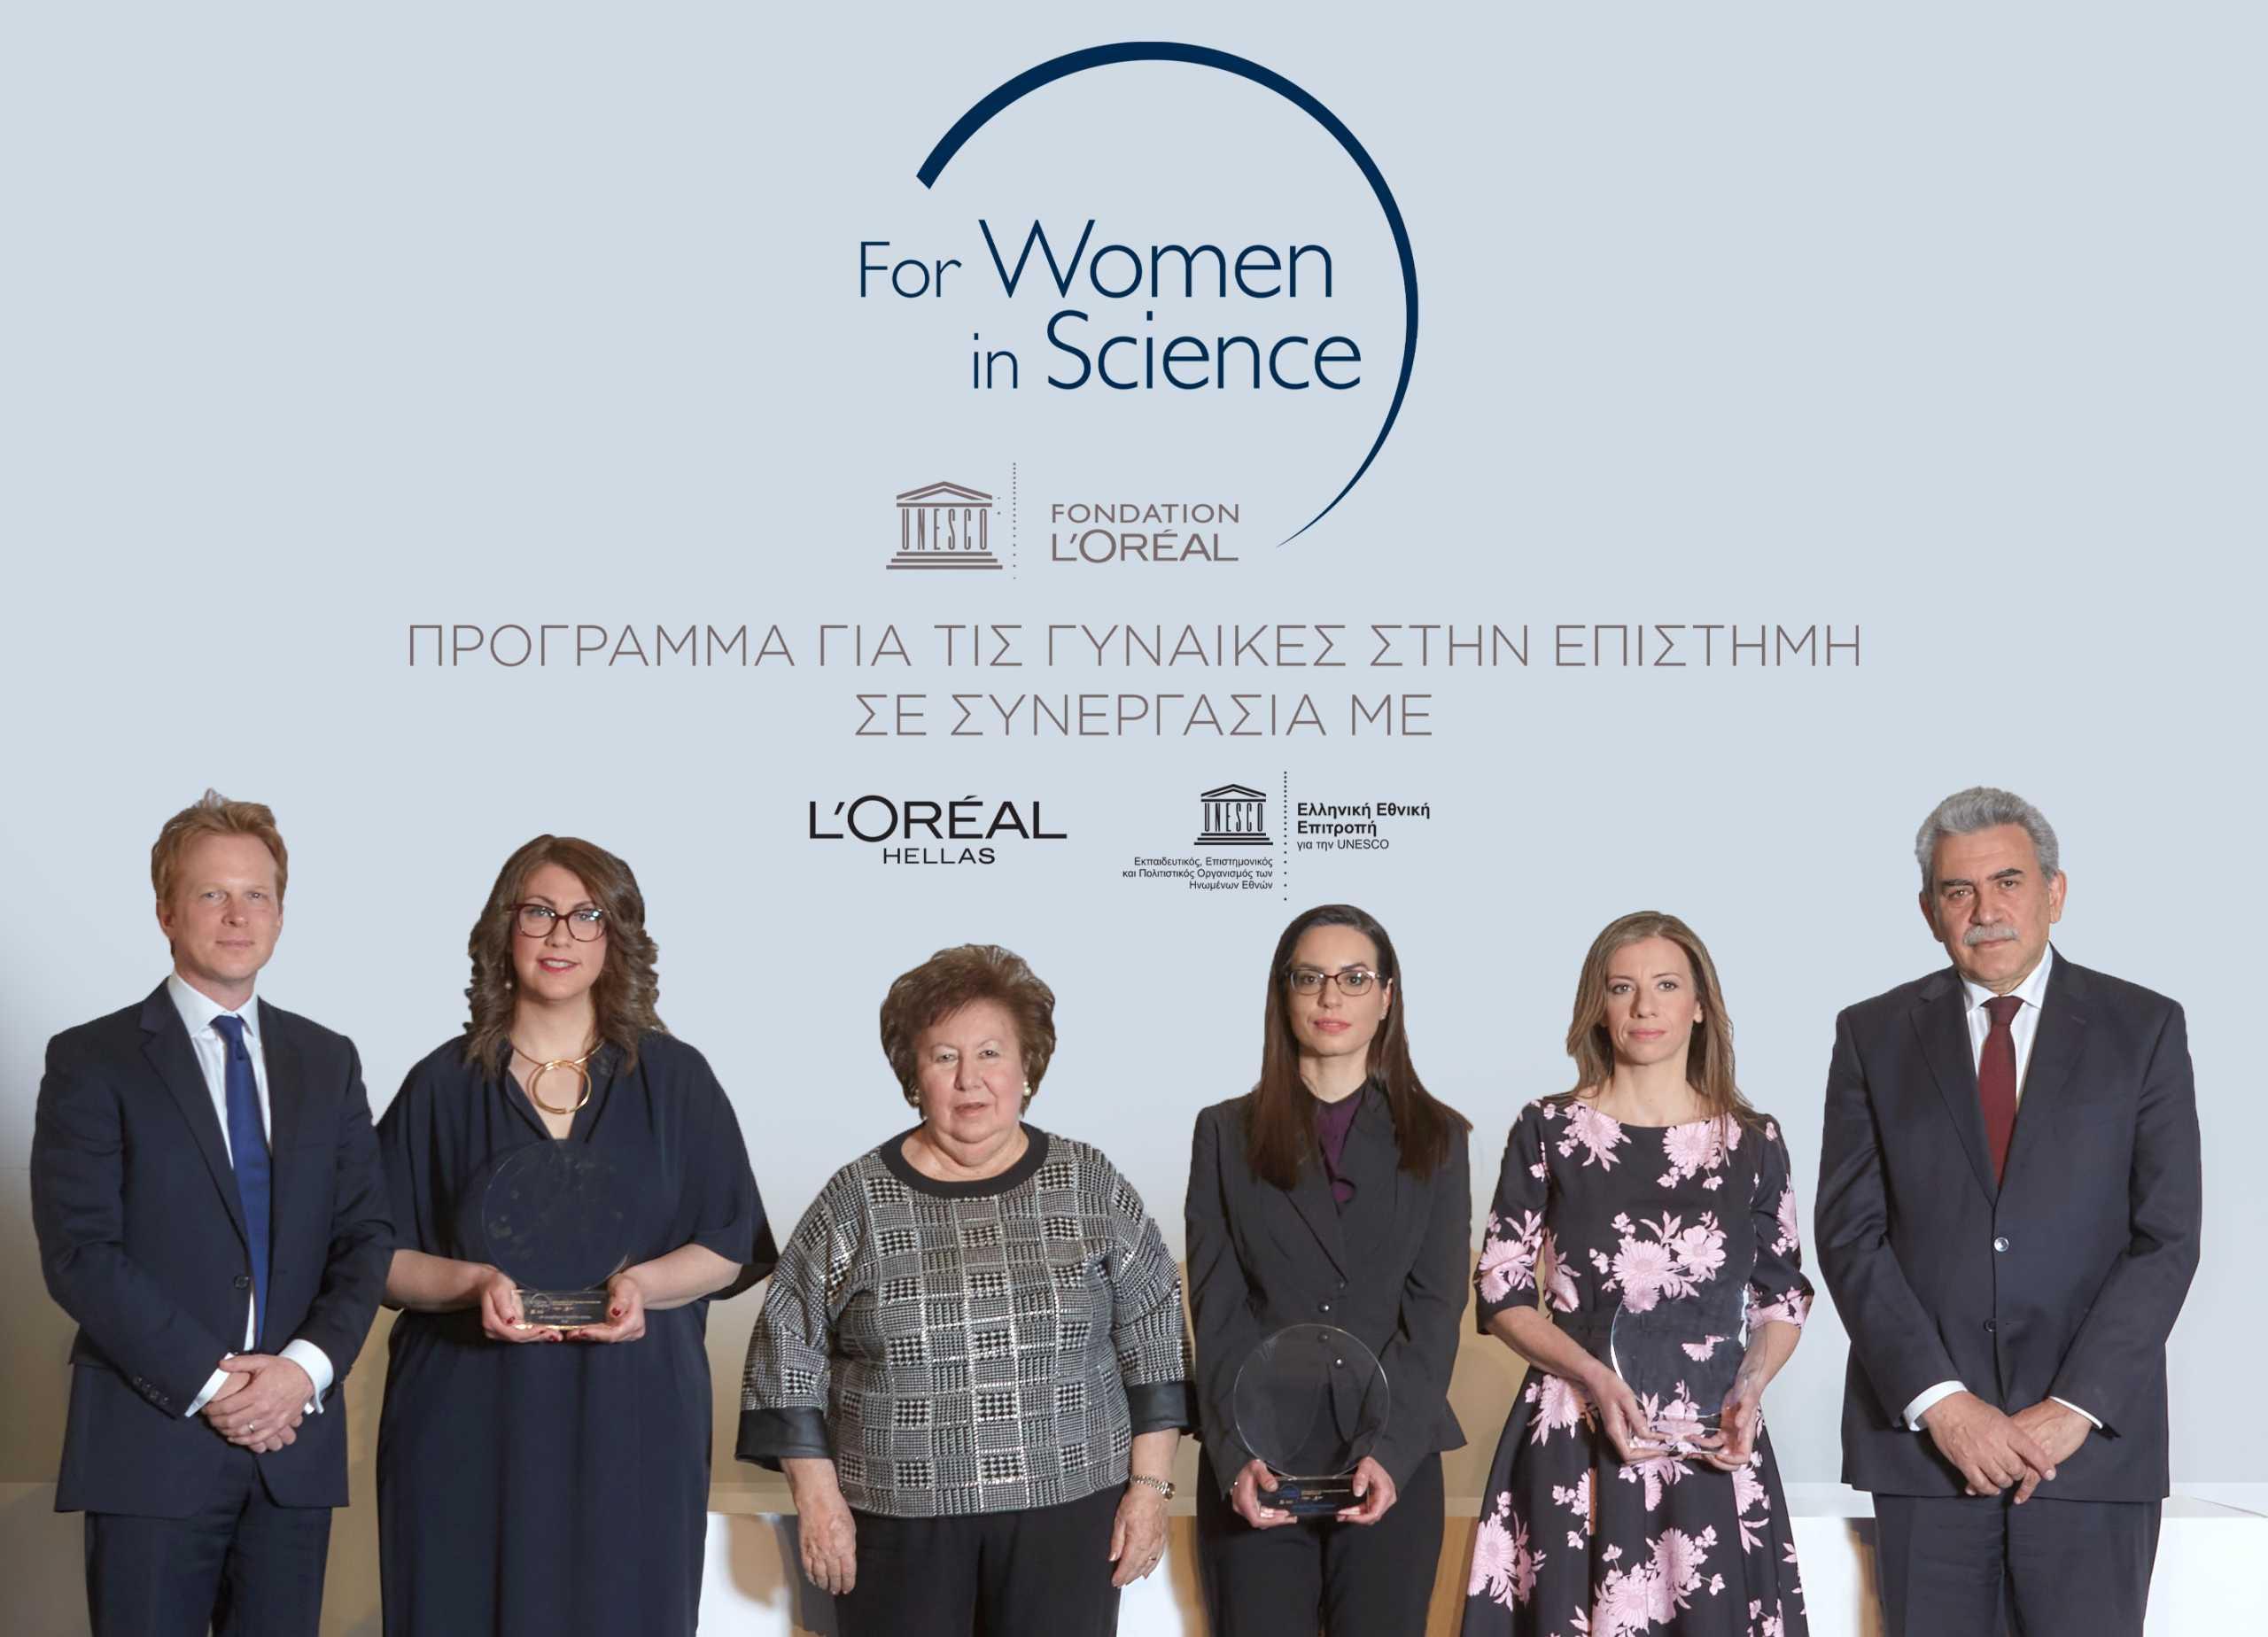 Βραβεία L' Oreal – Unesco: Οι τρεις Ελληνίδες ερευνήτριες που βραβεύτηκαν για τη συνεισφορά τους στην Επιστήμη